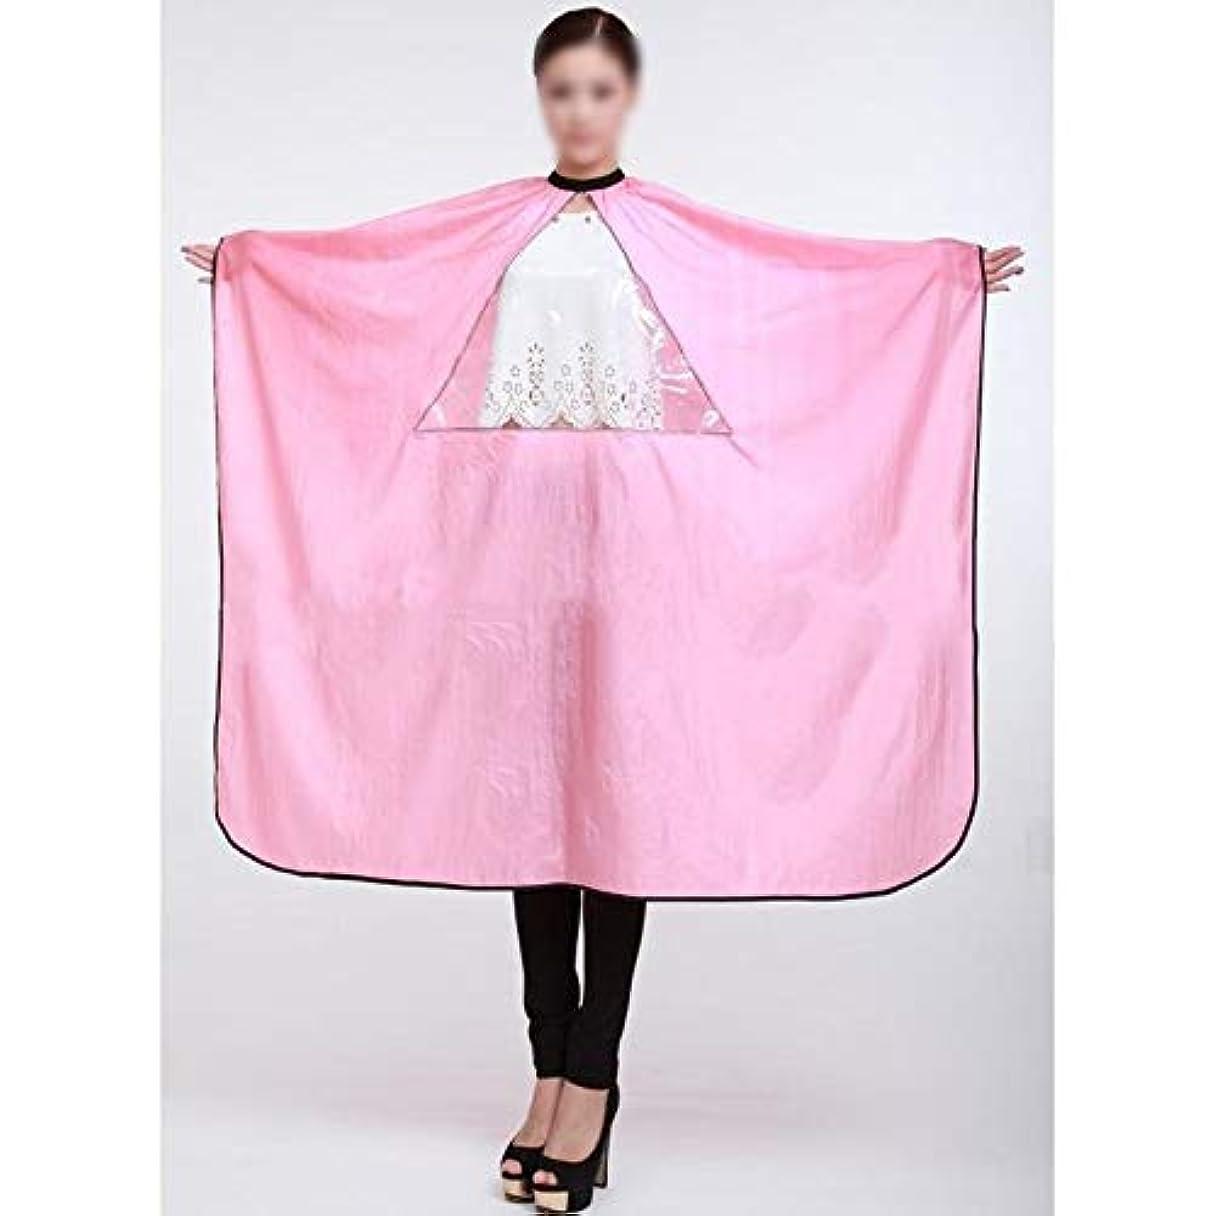 焦がす酸素去るLucy Day 理髪店の防水毛の切断の岬のための美容院のエプロンの毛布 (色 : ピンク)